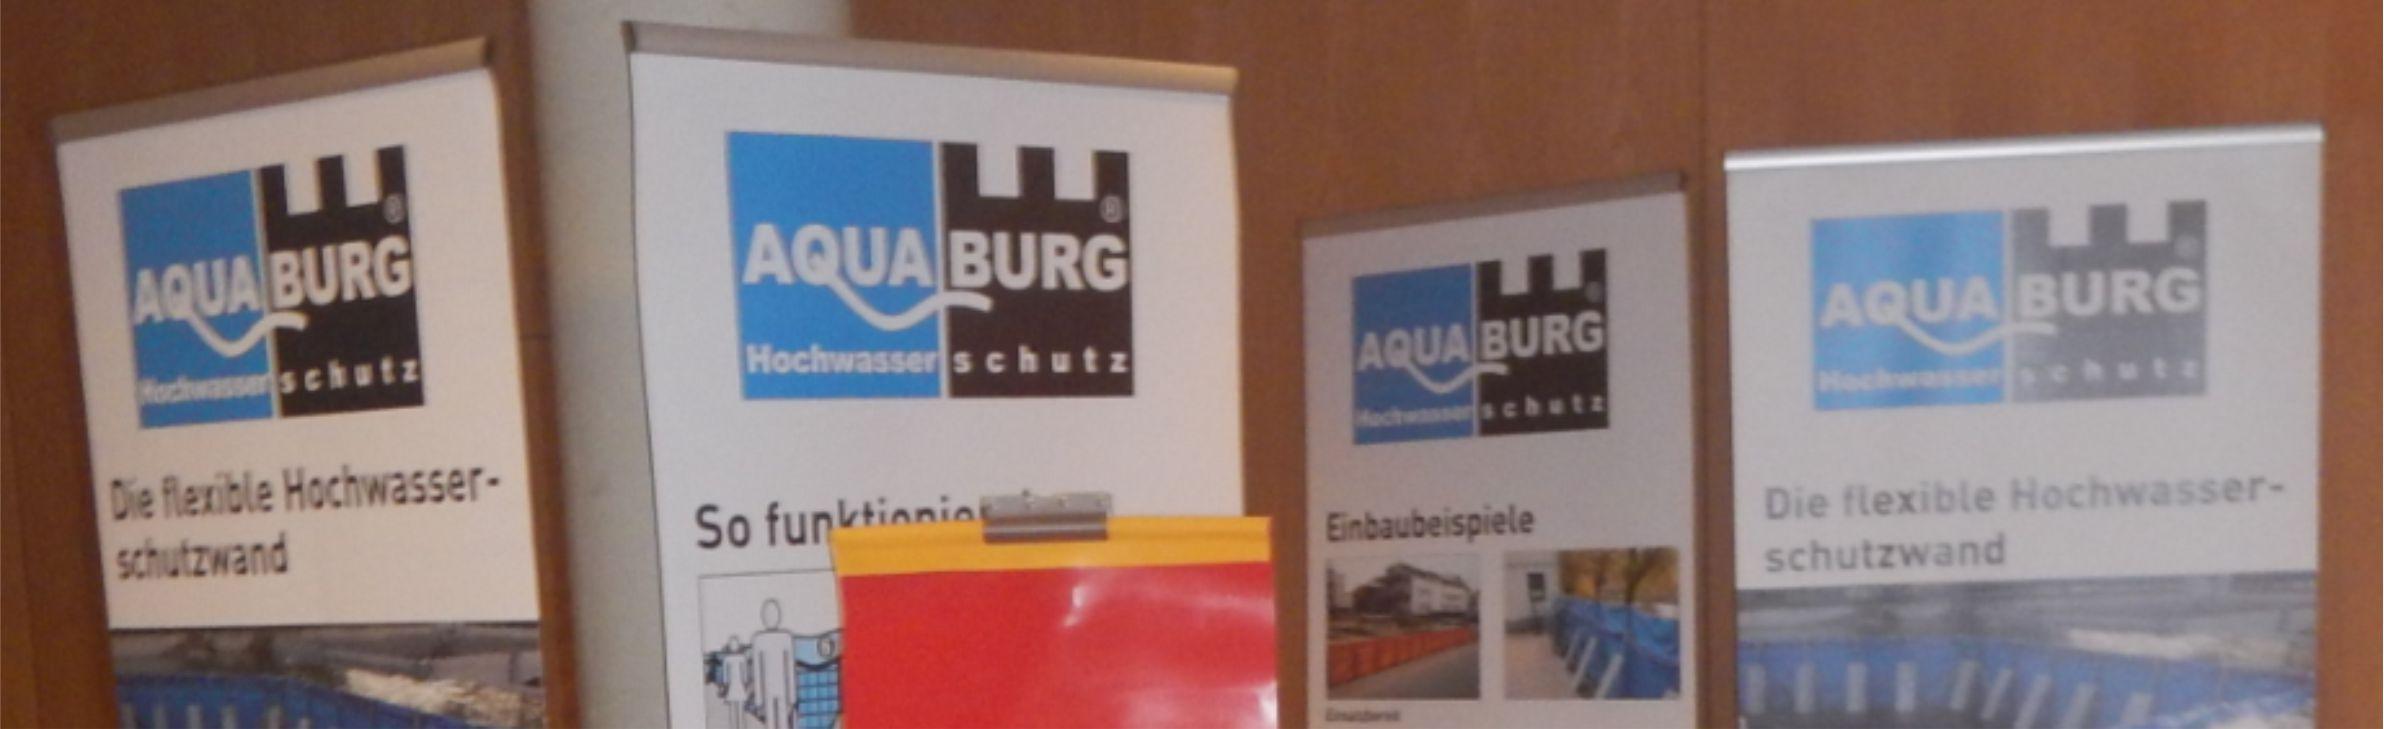 Aquaburg Messestandausschnitt